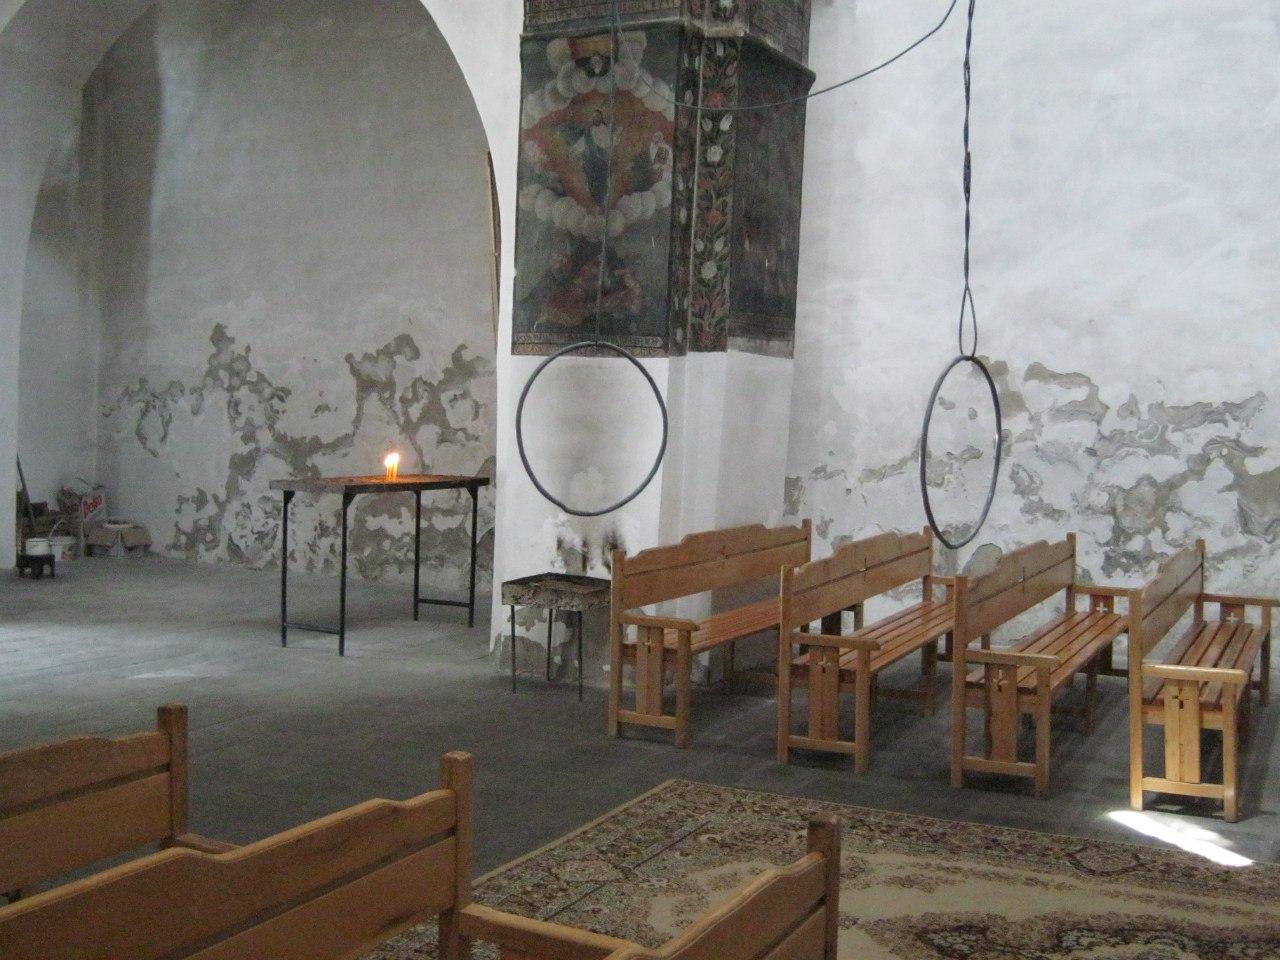 кольца в молебном зале церкви